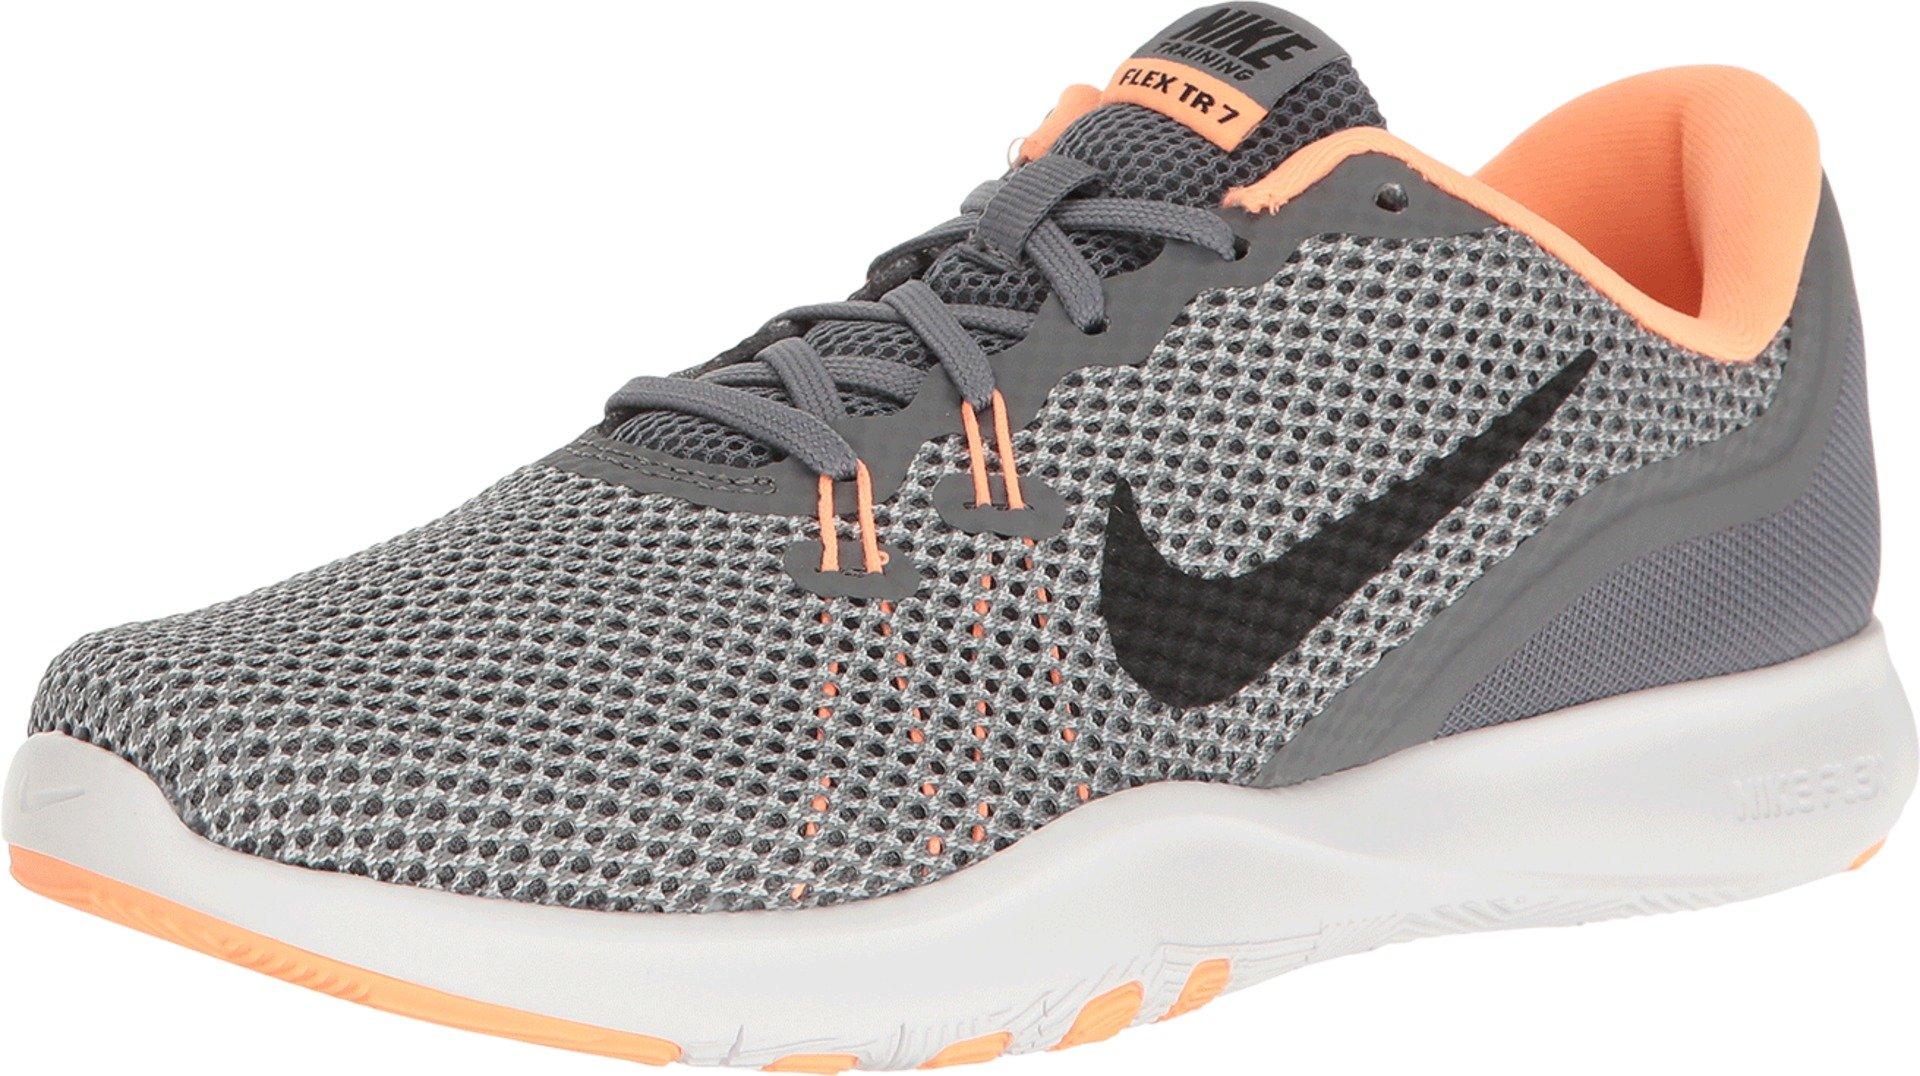 best sneakers 7c85b dc7ef Galleon - NIKE Women s Flex 7 Cross Training Shoe, Cool Grey Black ...